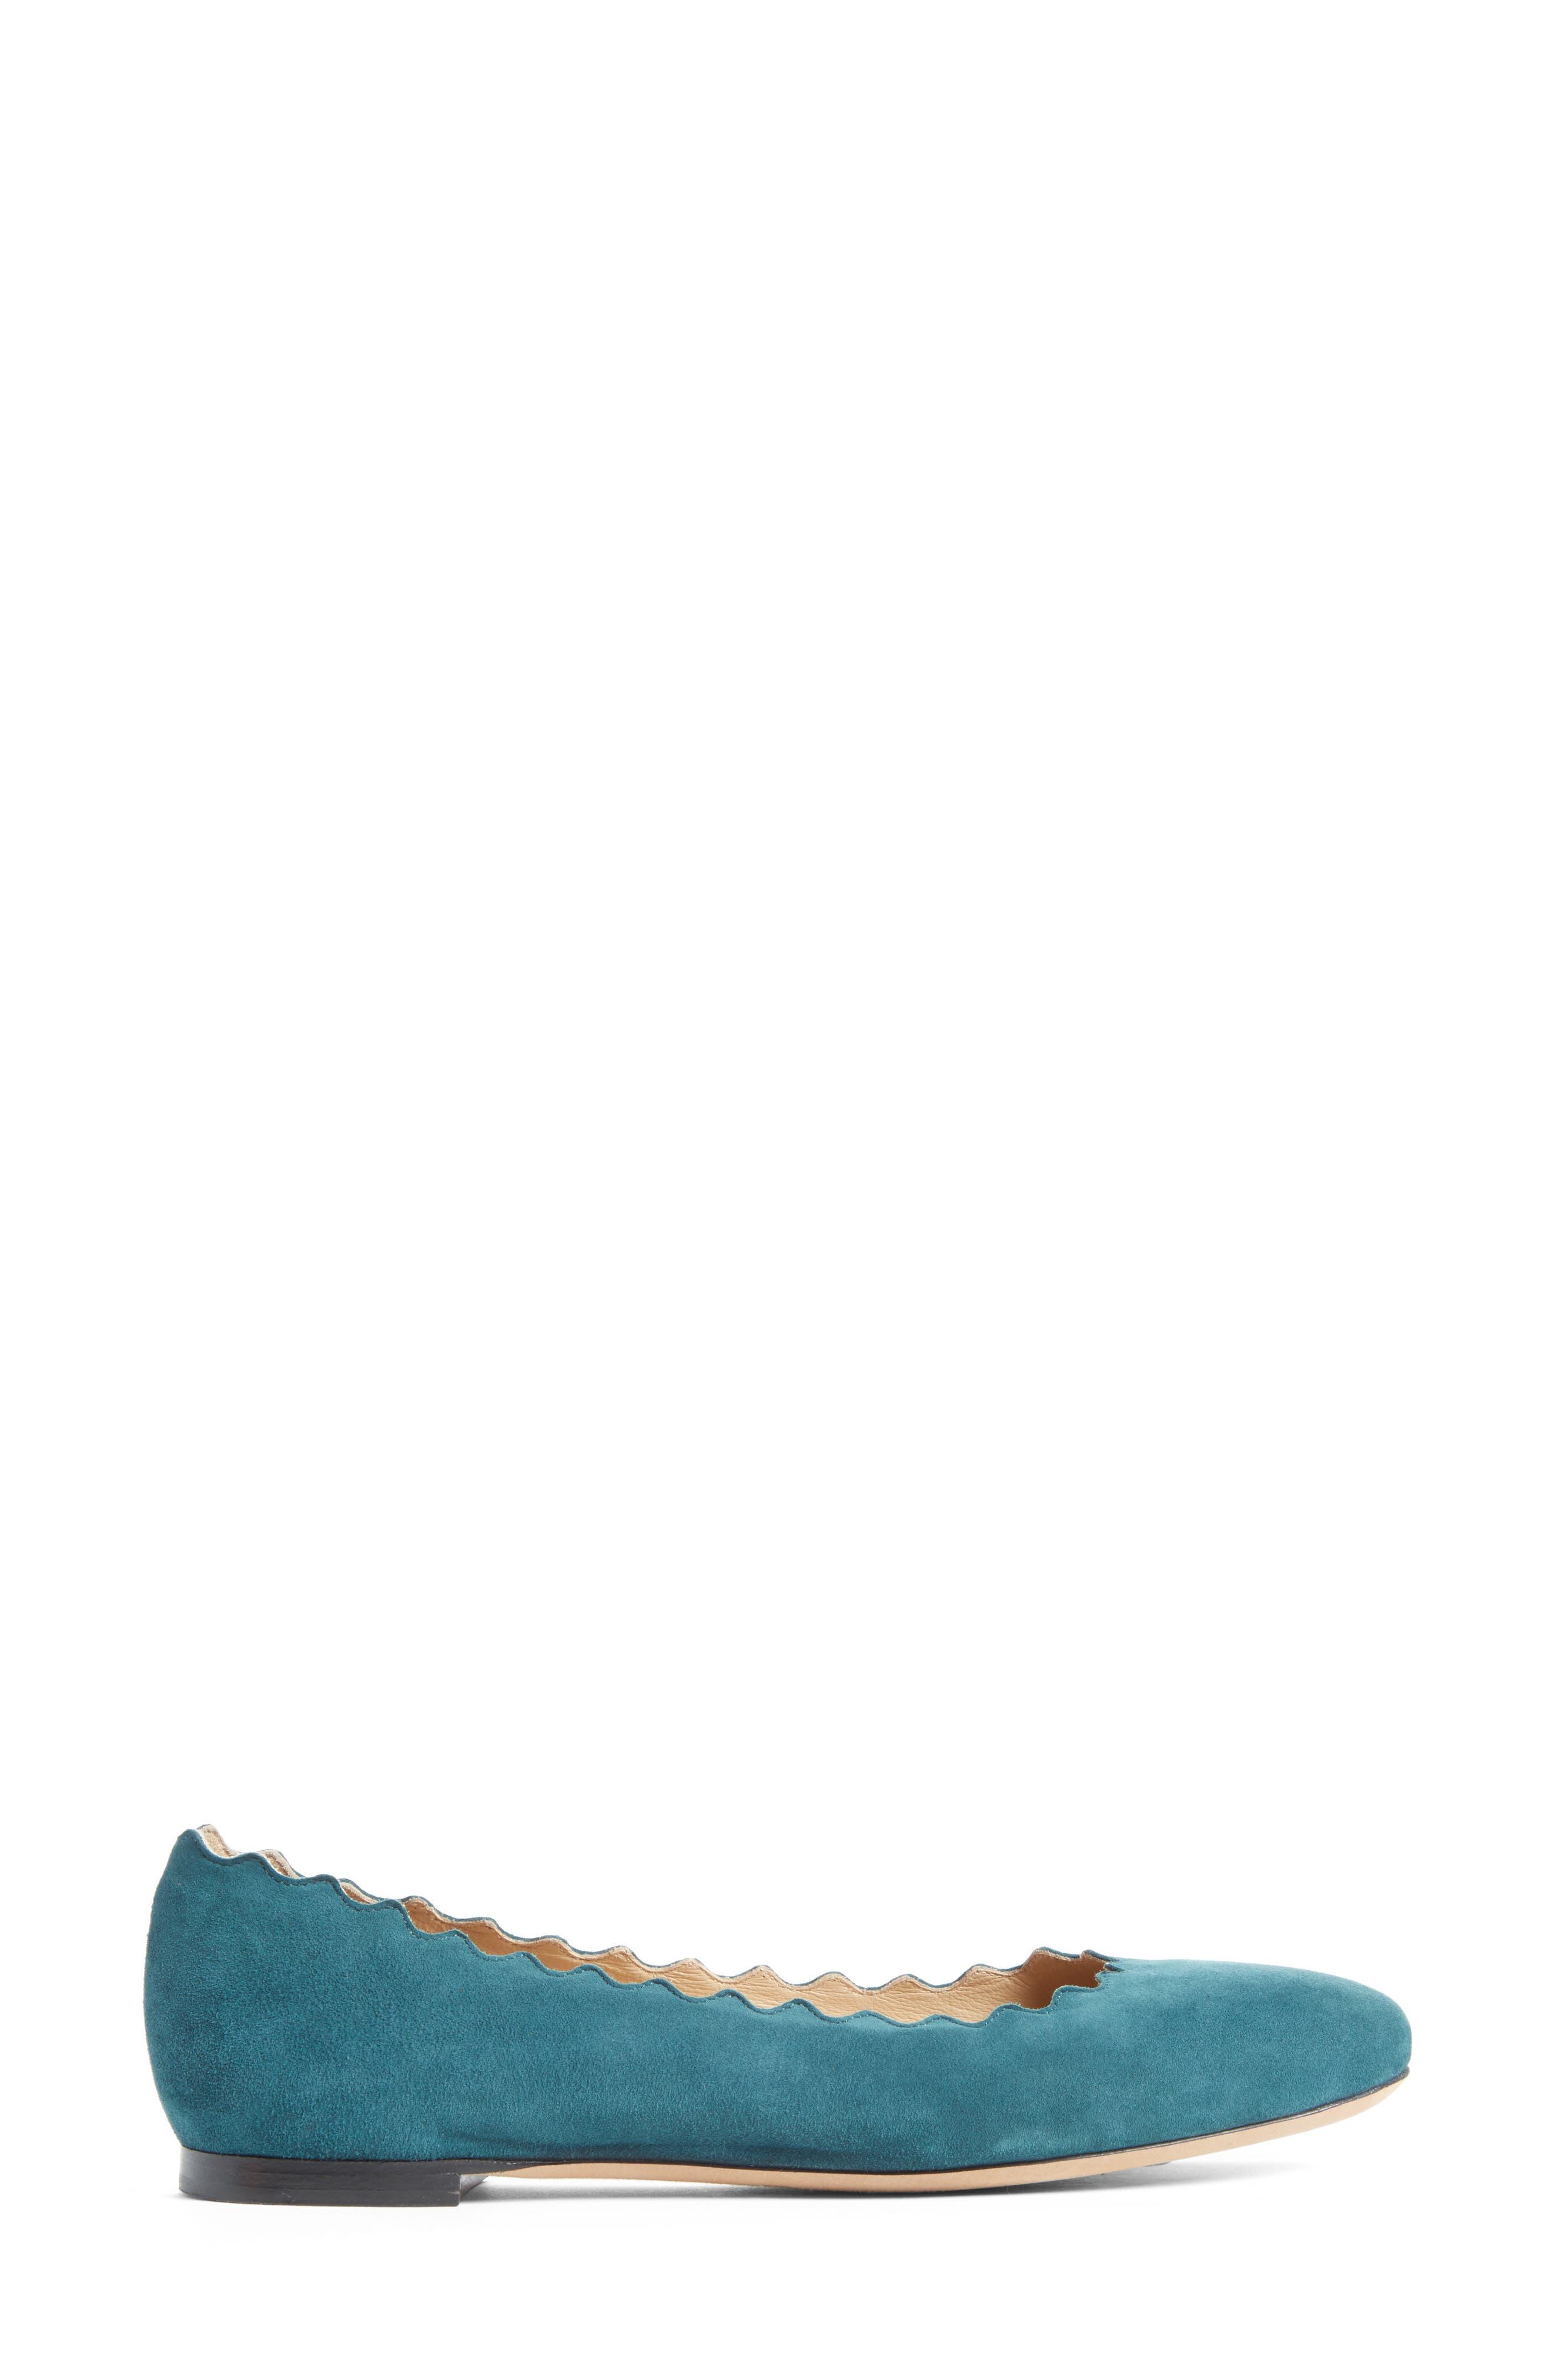 Alternate Image 3  - Chloé 'Lauren' Scalloped Ballet Flat (Women)